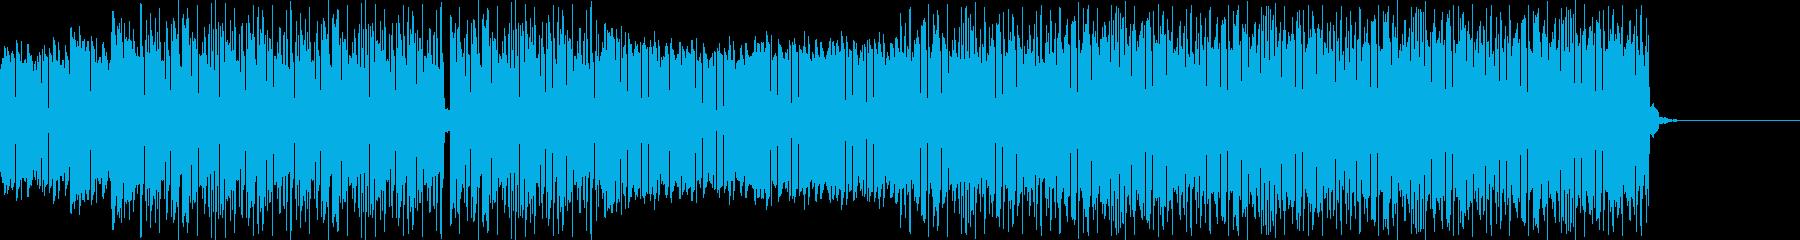 イントロのシンセベースからクール!!の再生済みの波形